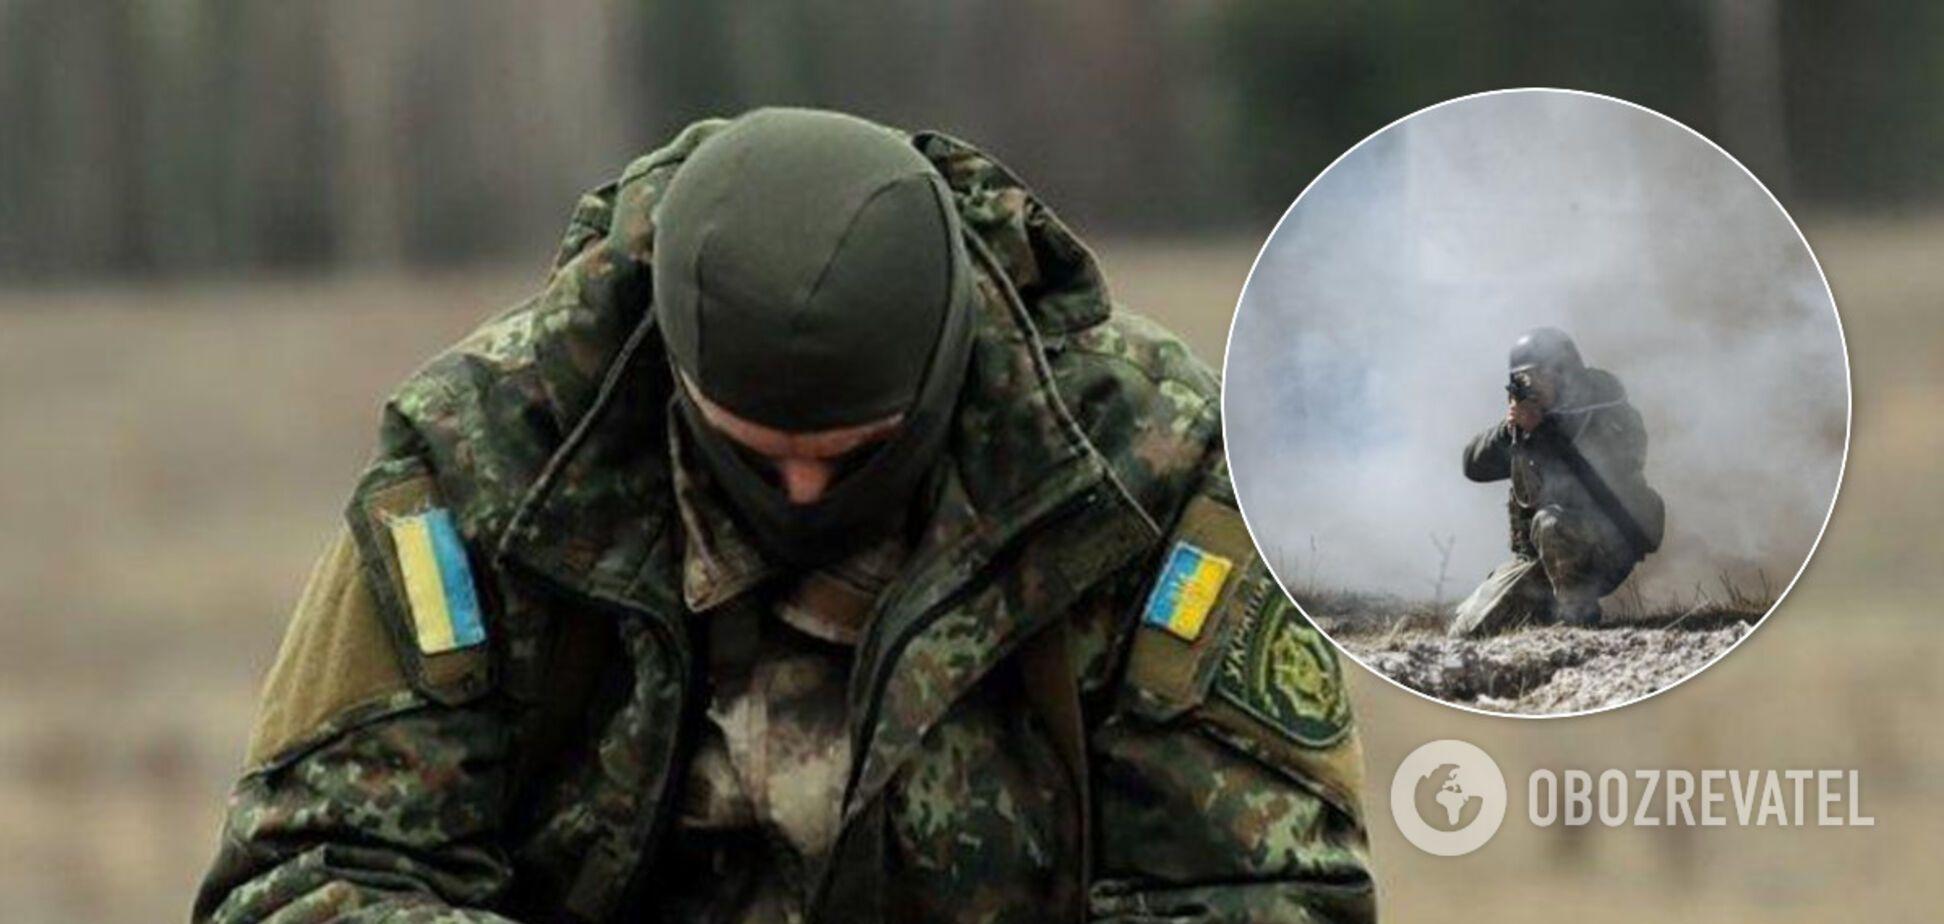 Войска Путина развязали кровавые бои на Донбассе: ВСУ понесли потери